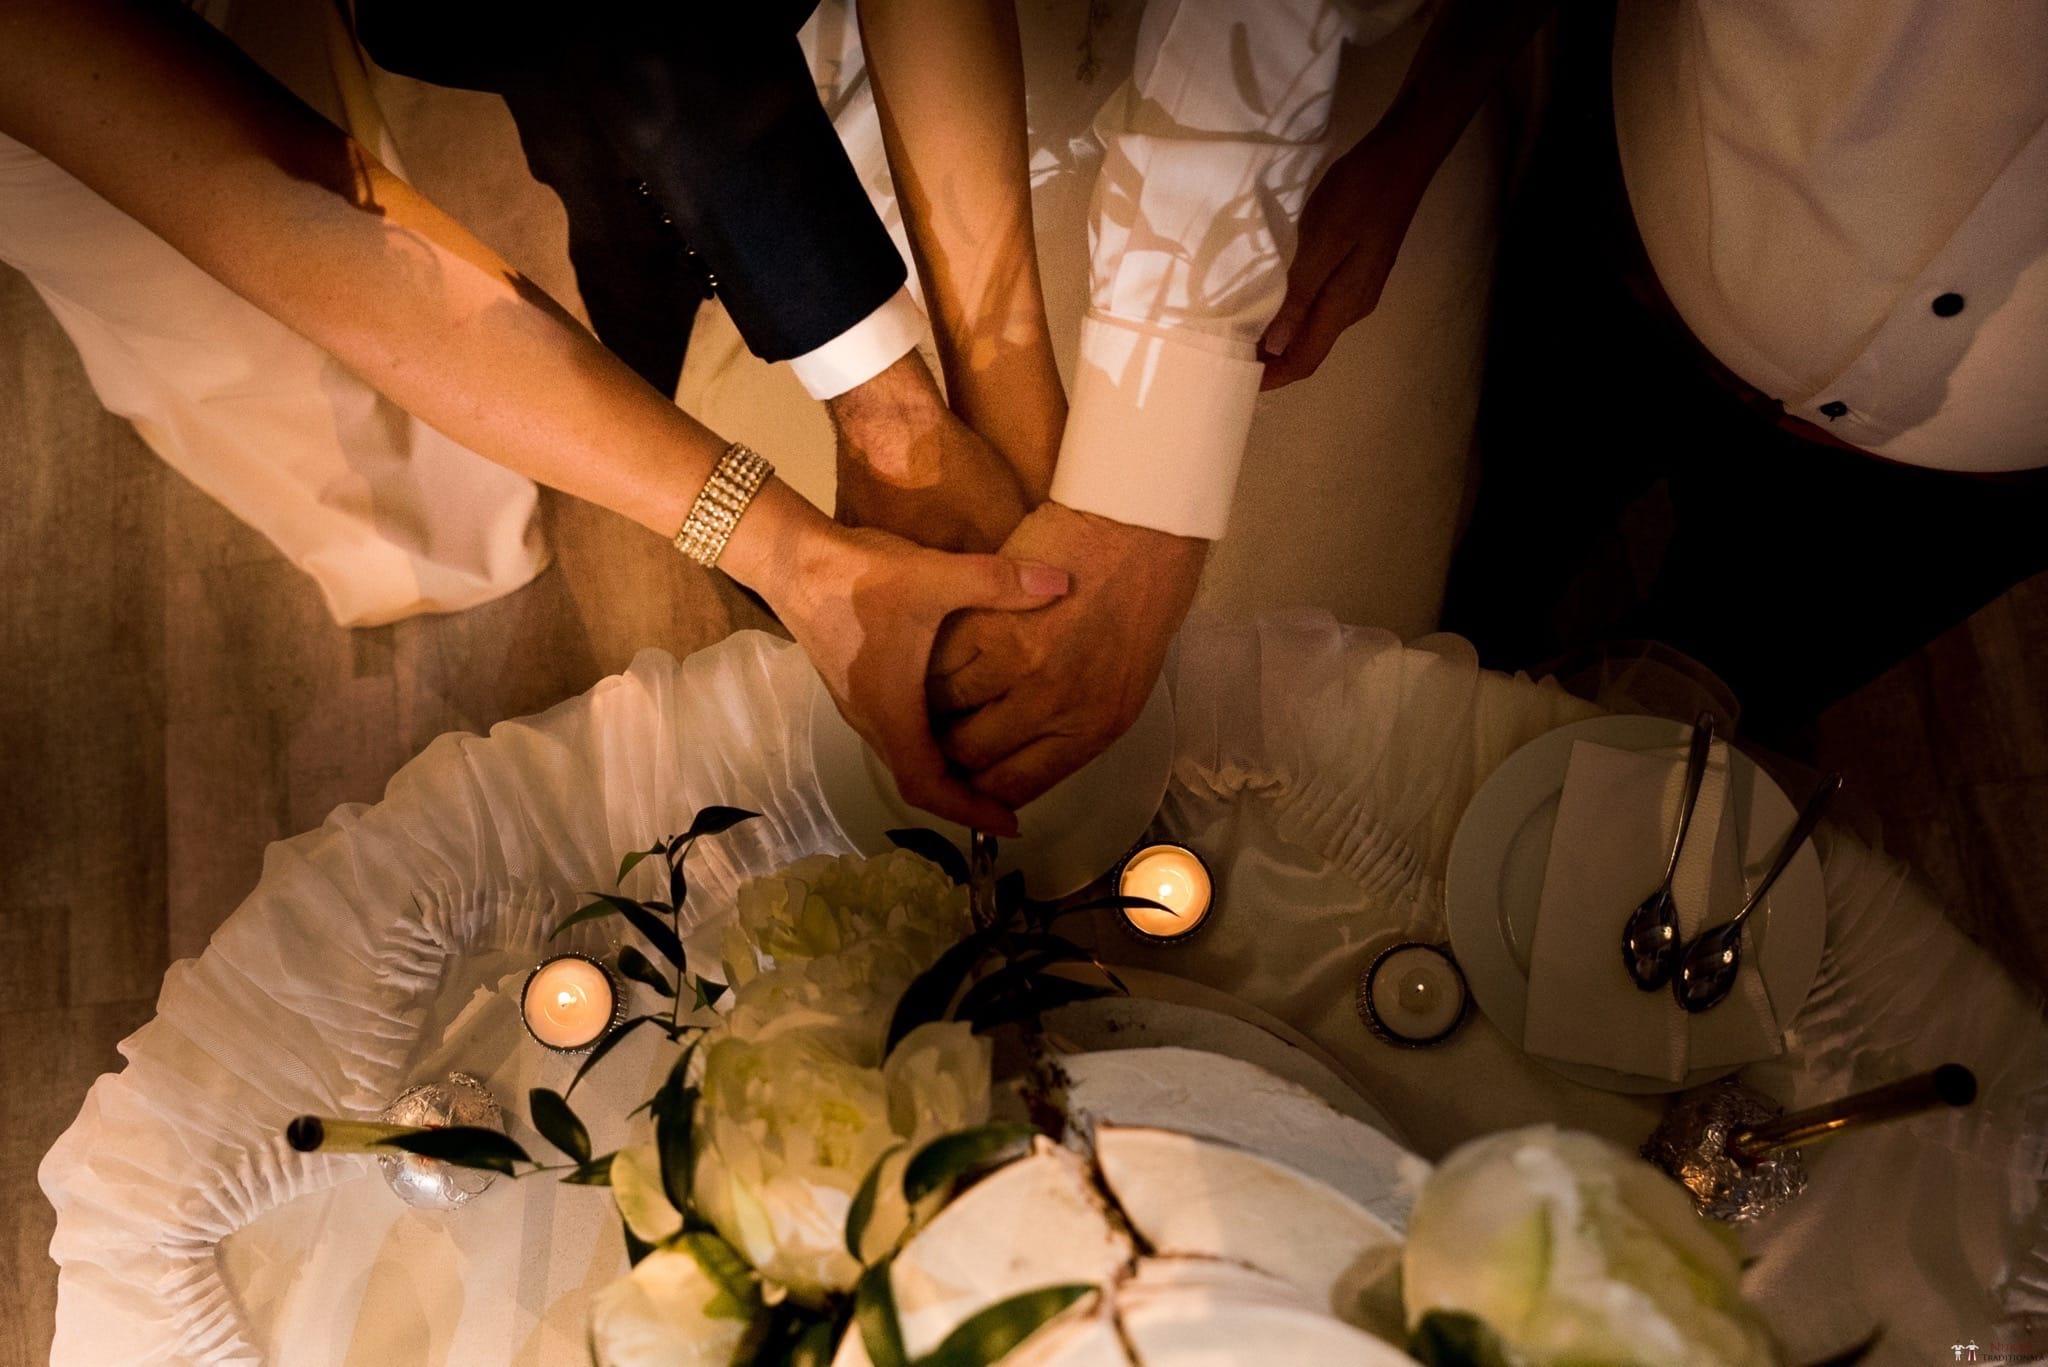 Povești Nunți Tradiționale - Irina și Alexandru, nuntă în Câmpulung Moldovenesc, Suceava 79